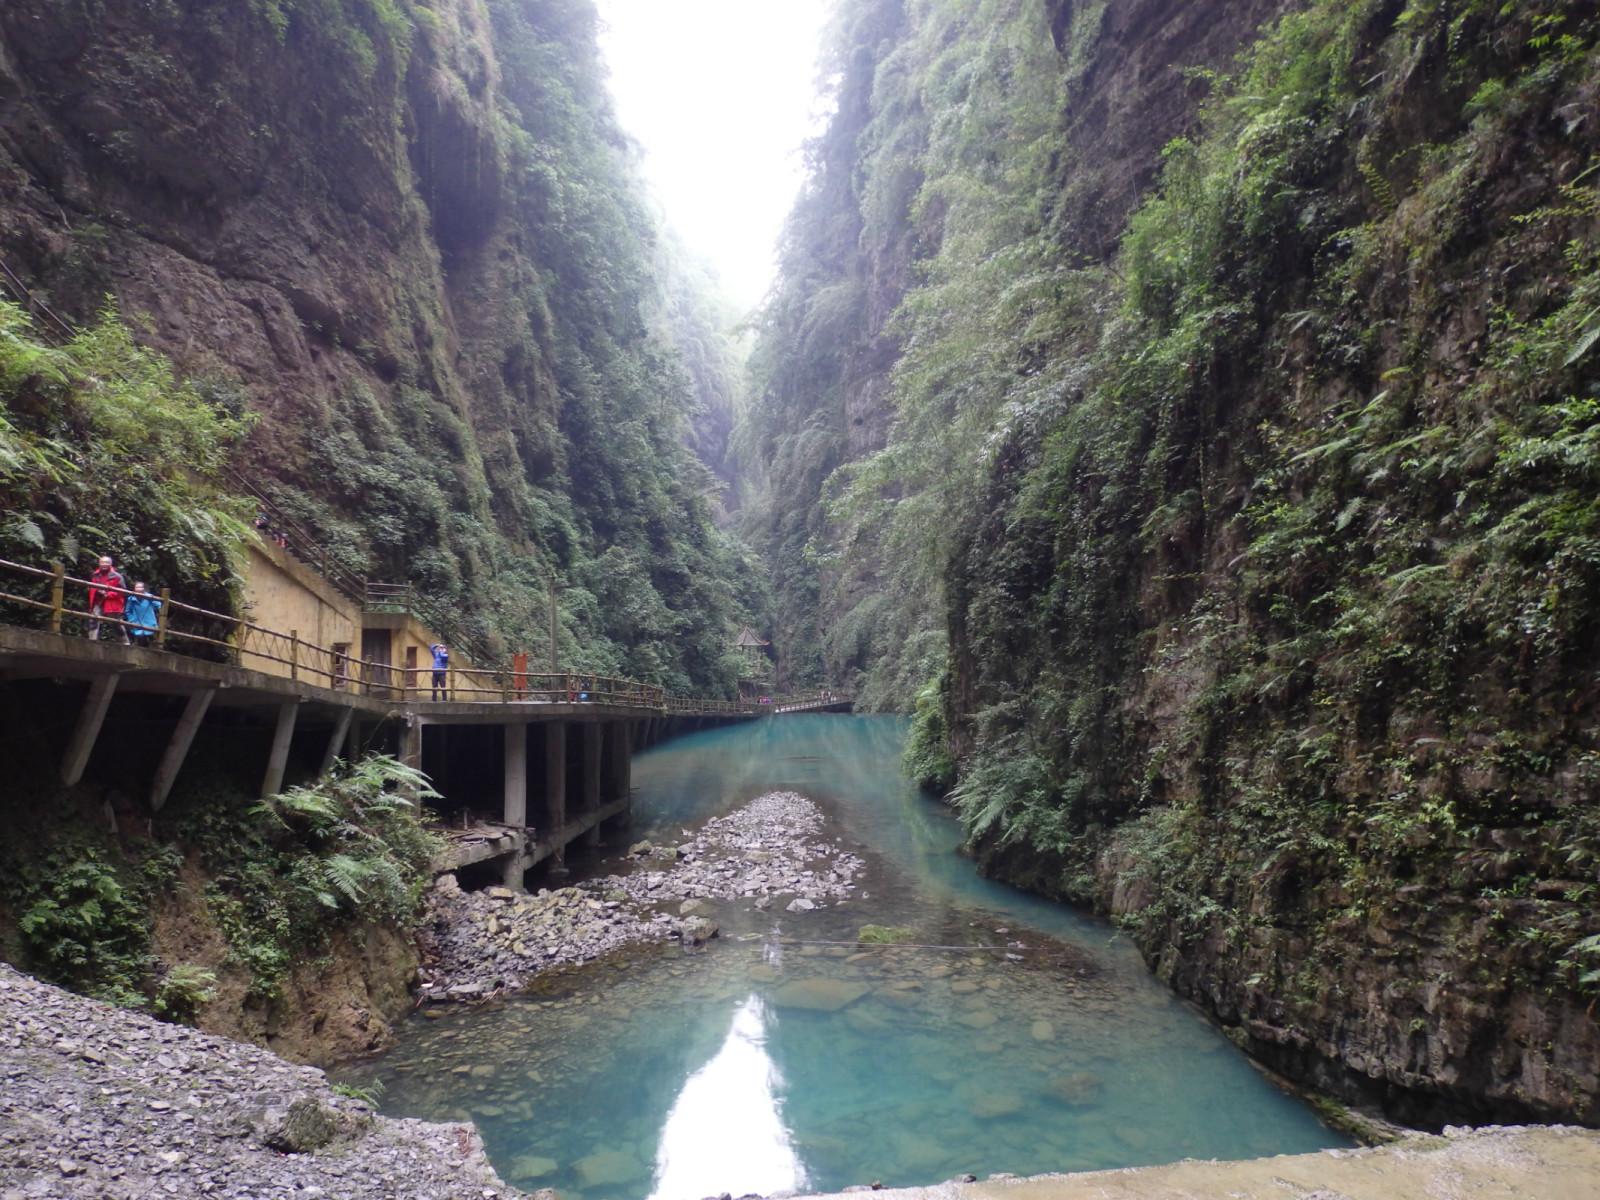 阿依河风景区在重庆市彭水苗族土家族自治县,据说在苗族语言里